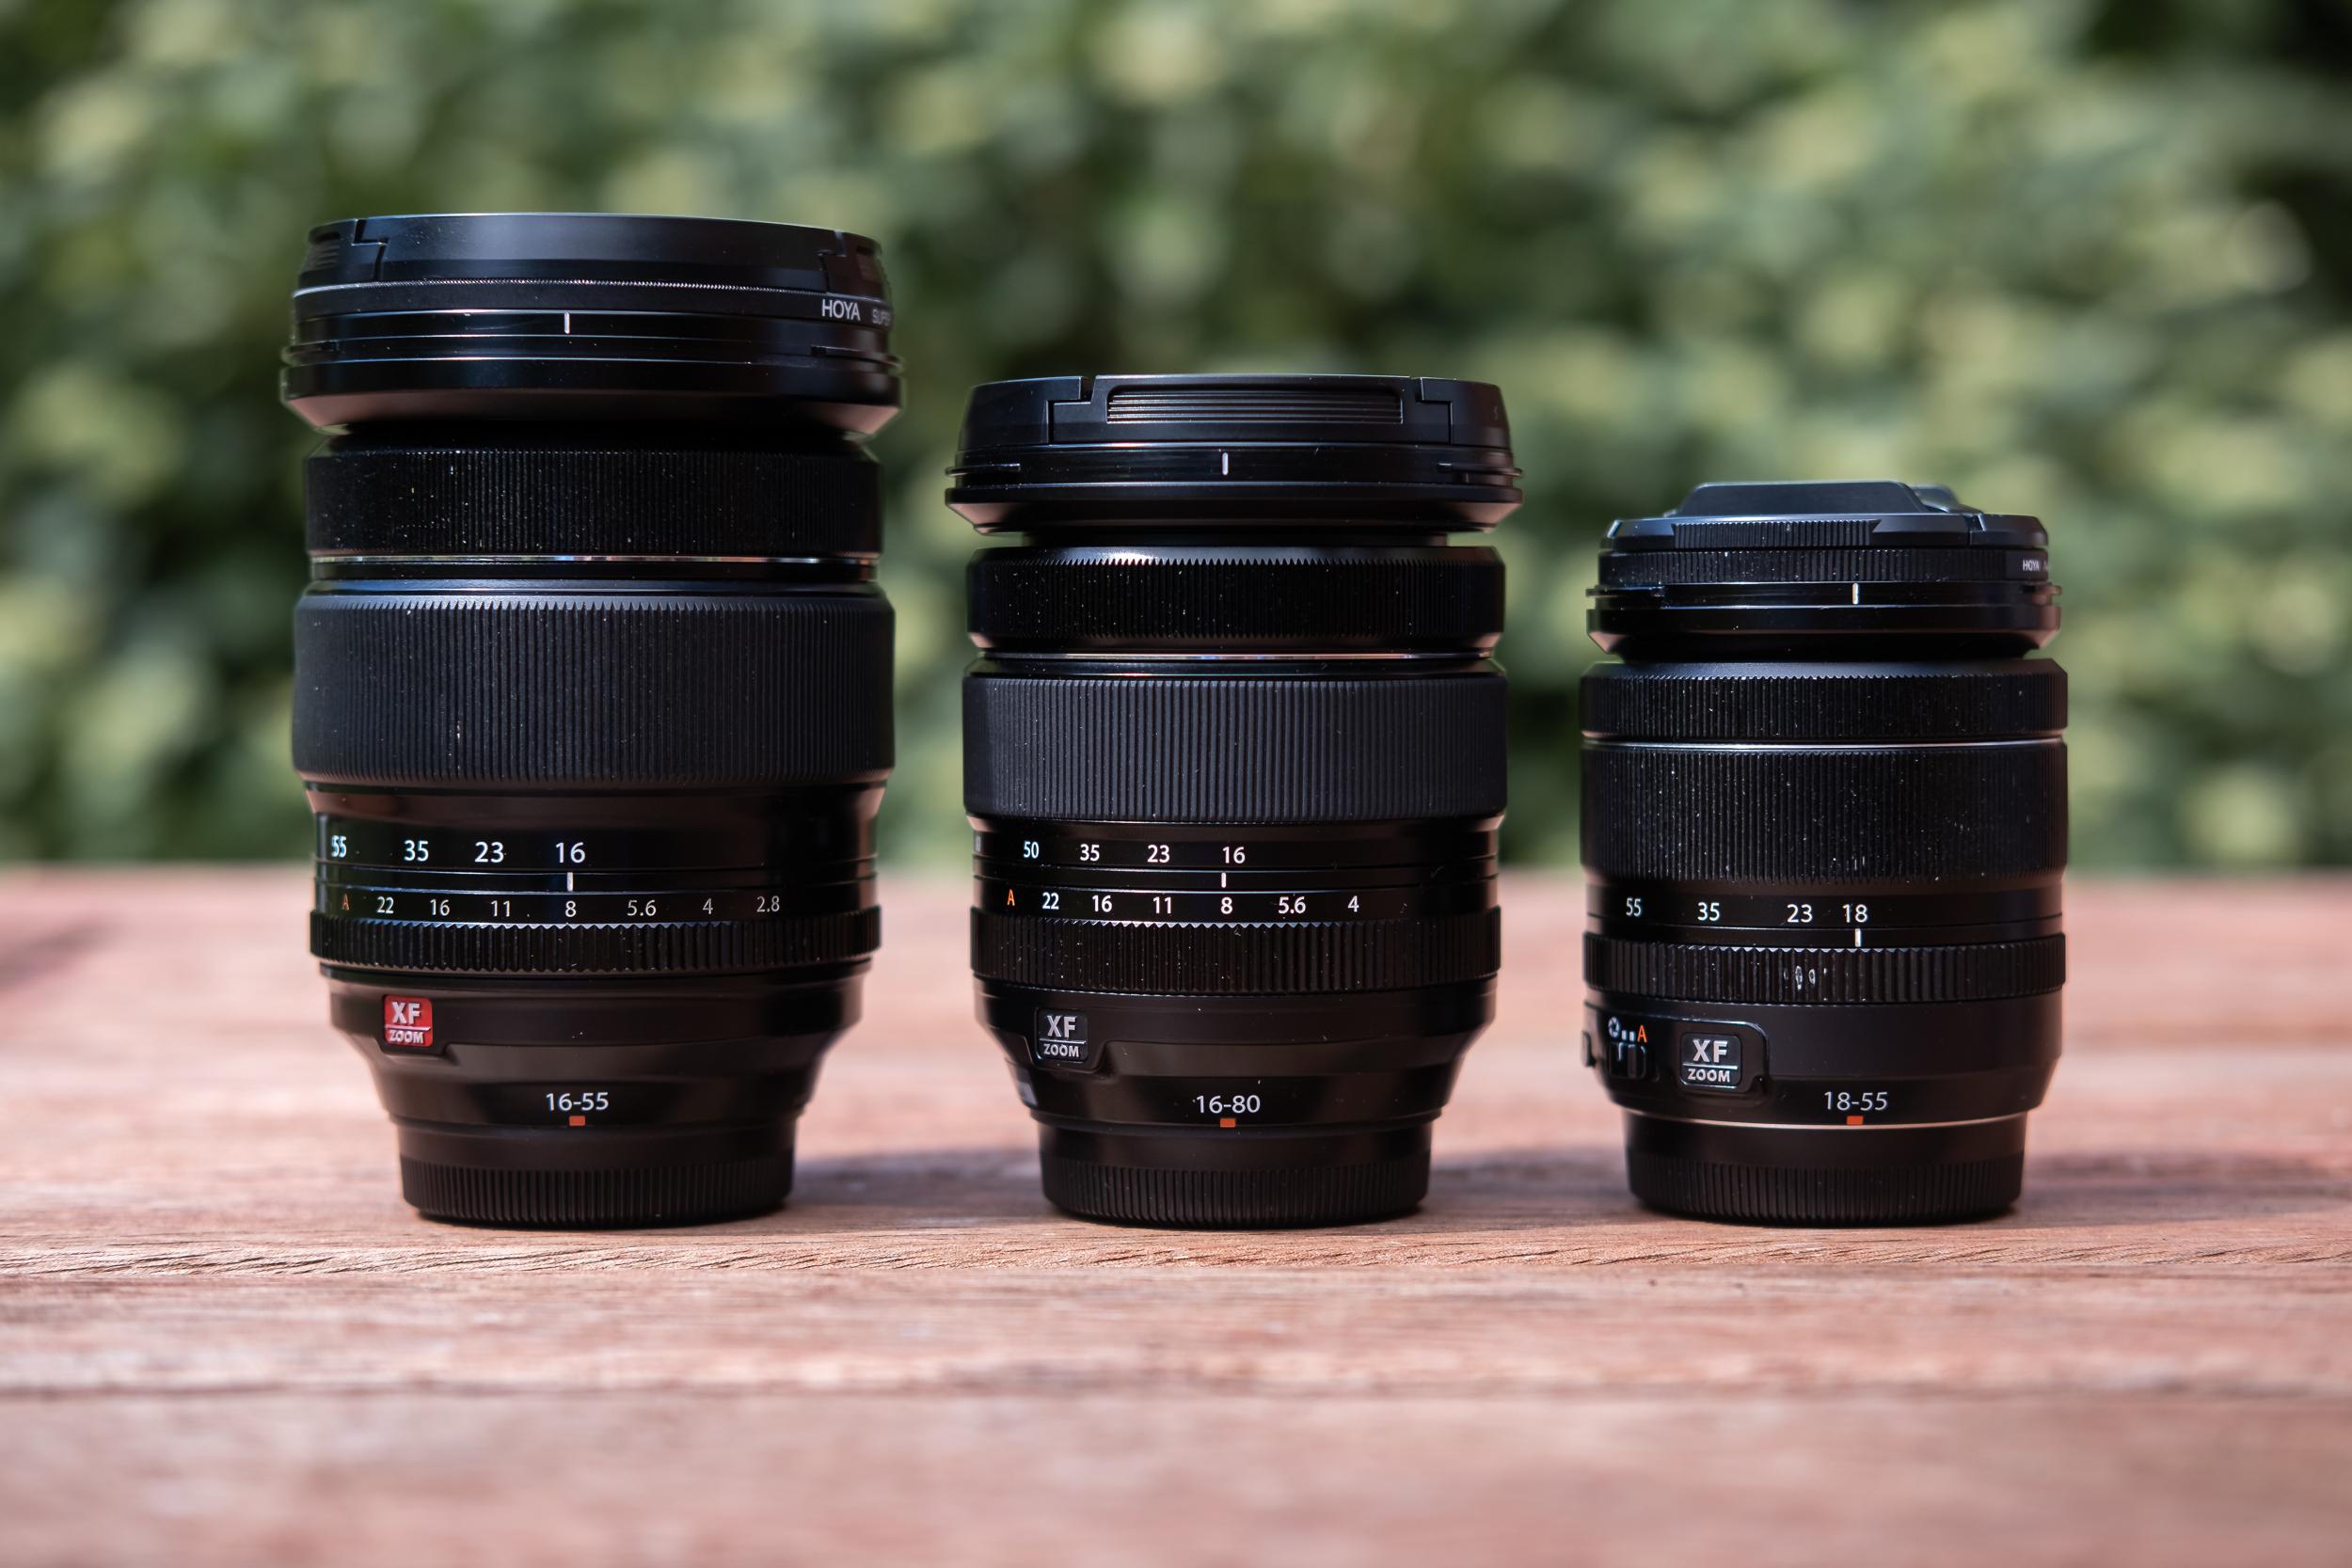 Fujinon XF16-55, XF16-80, XF18-55